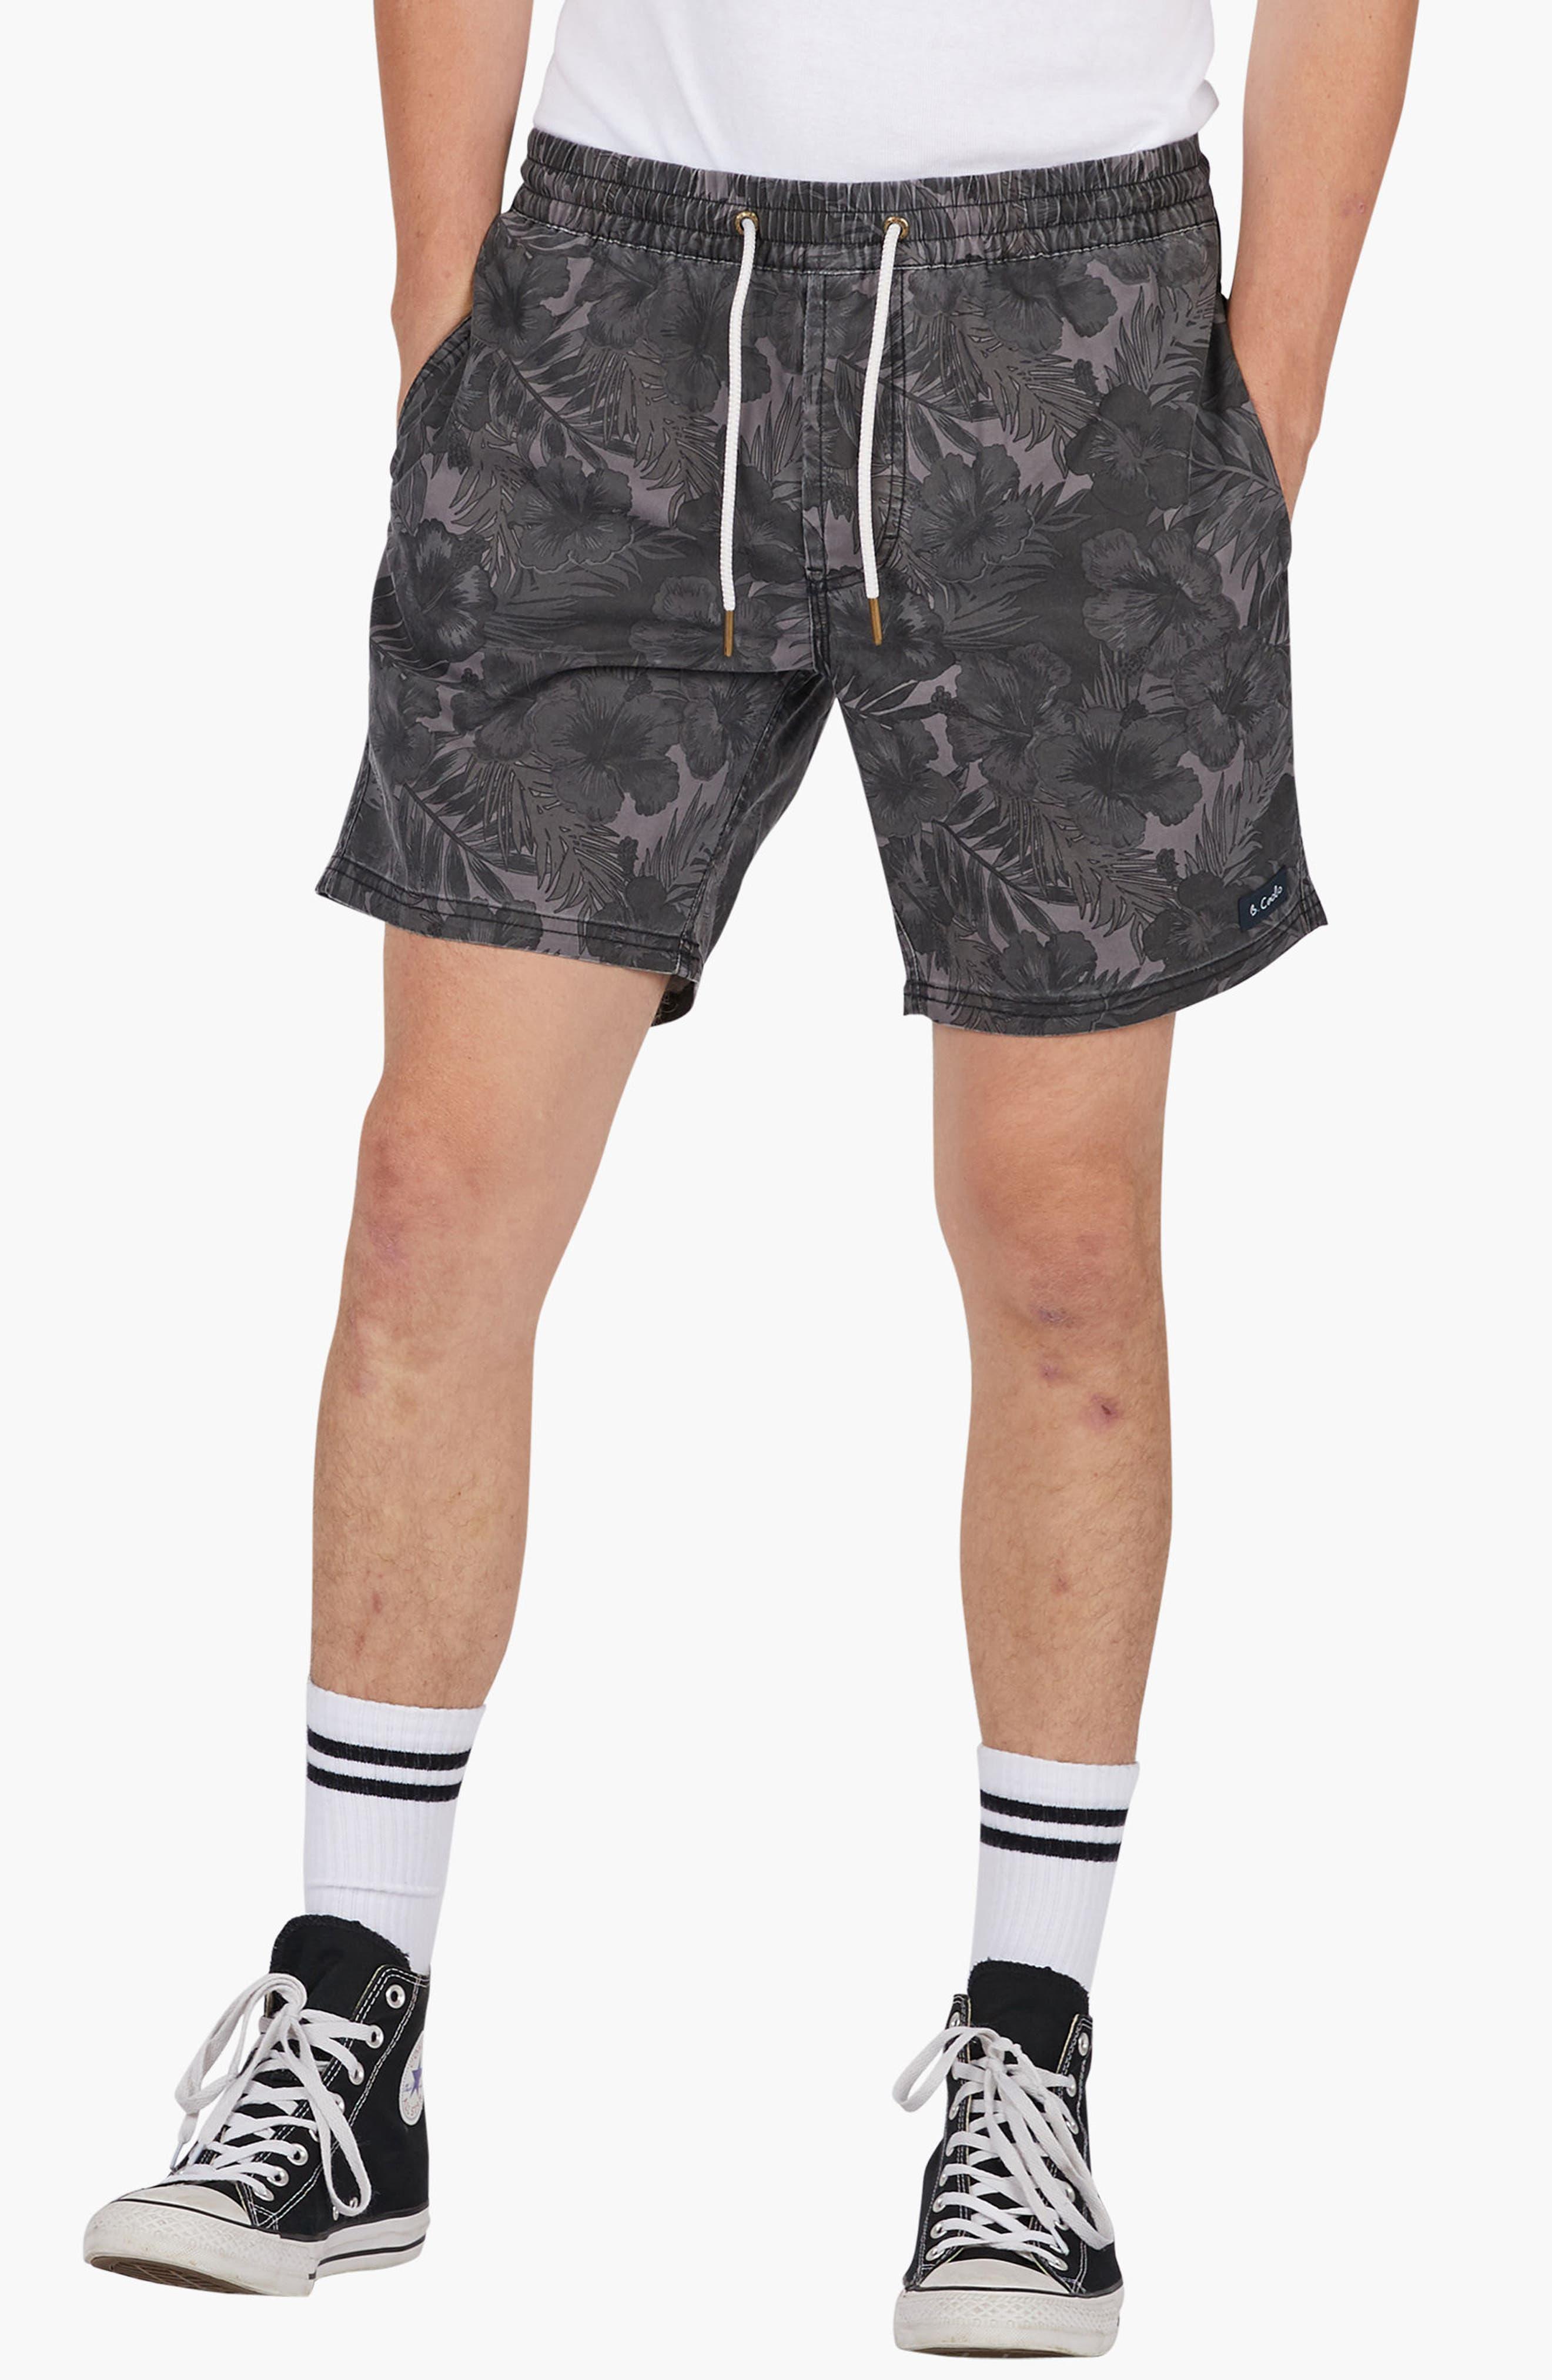 Amphibious Shorts,                             Alternate thumbnail 4, color,                             Black Floral